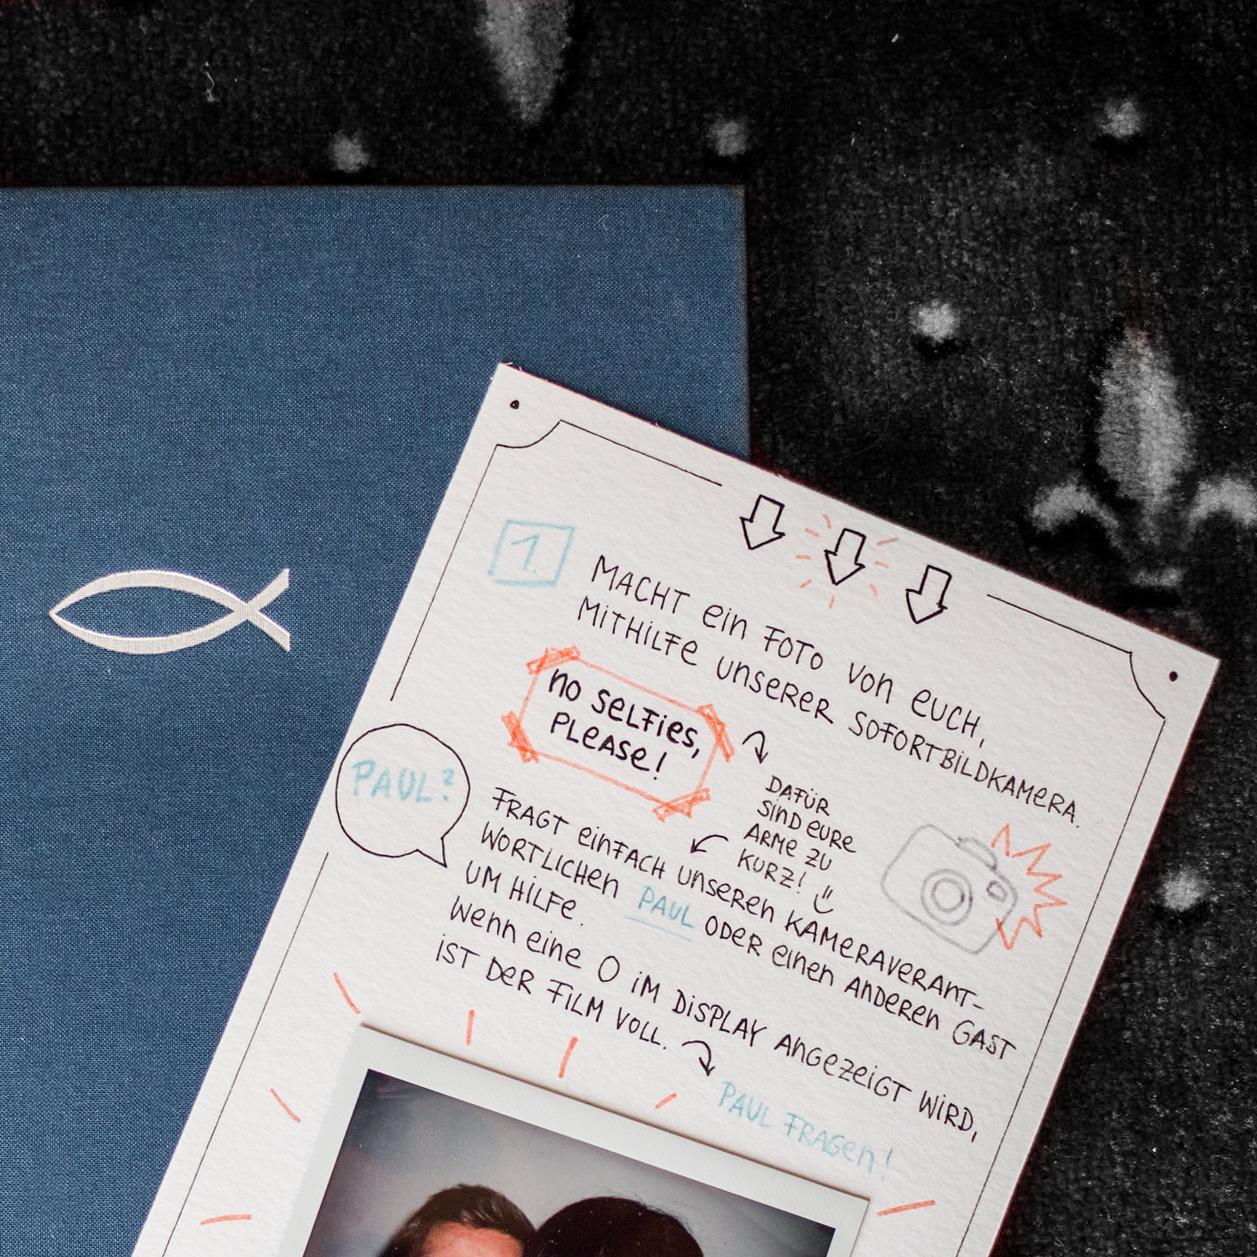 Gästebuch für eine Sommerhochzeit im Landhaus-/Vintage-Stil, mit Polaroids und handgeschriebener Beilage